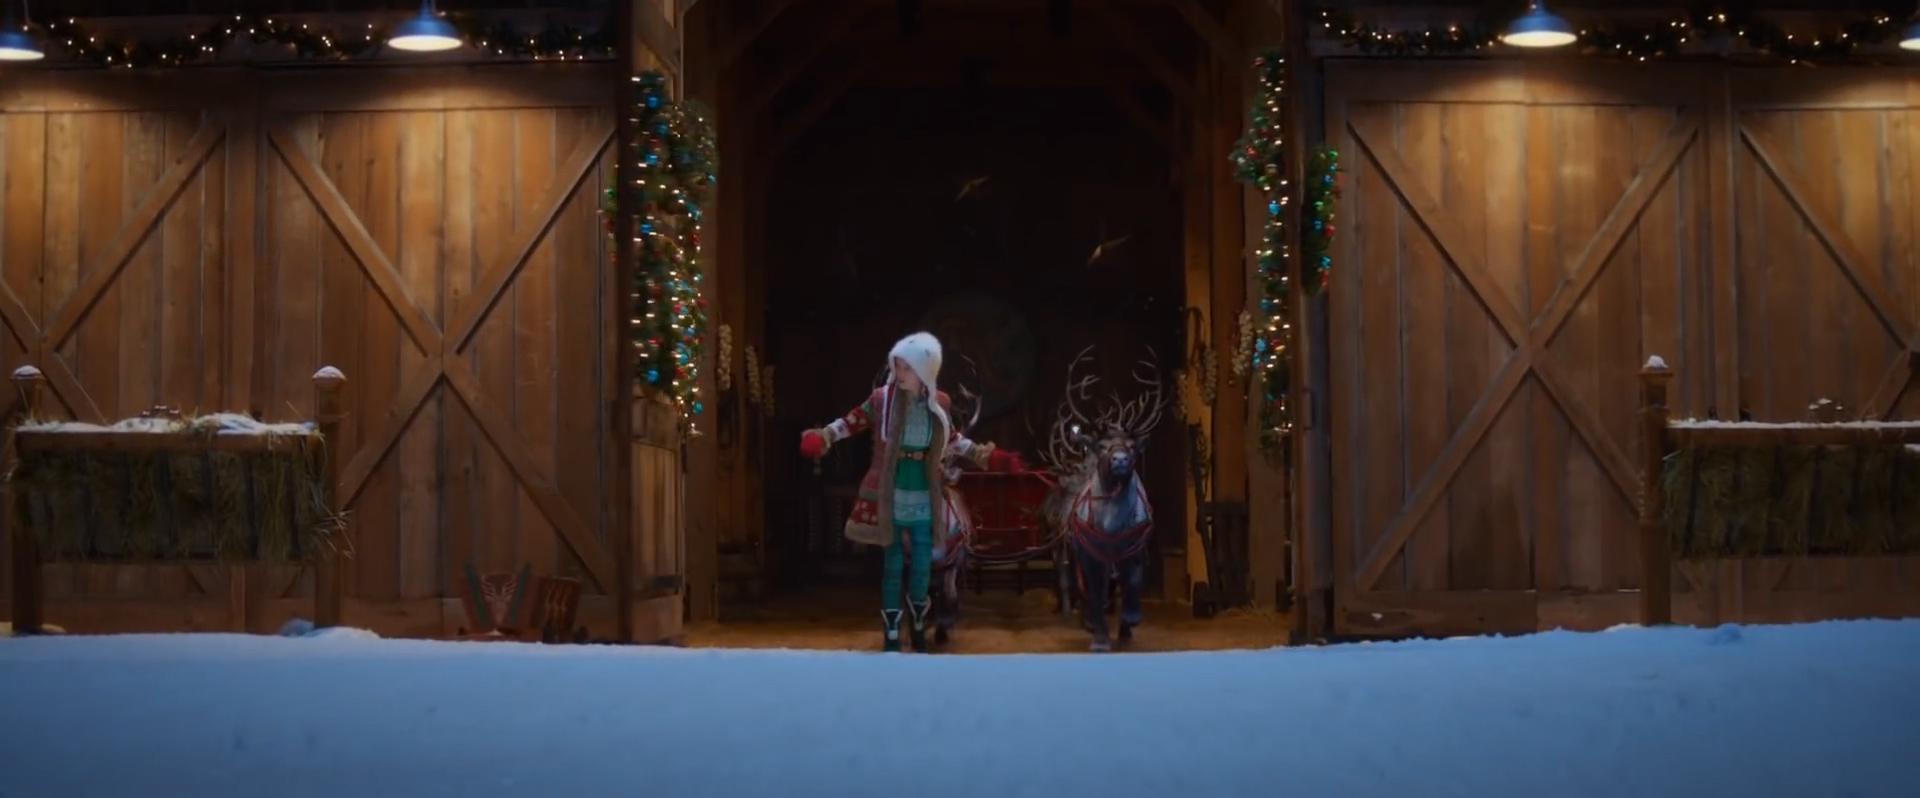 [2] Noelle - Official Trailer